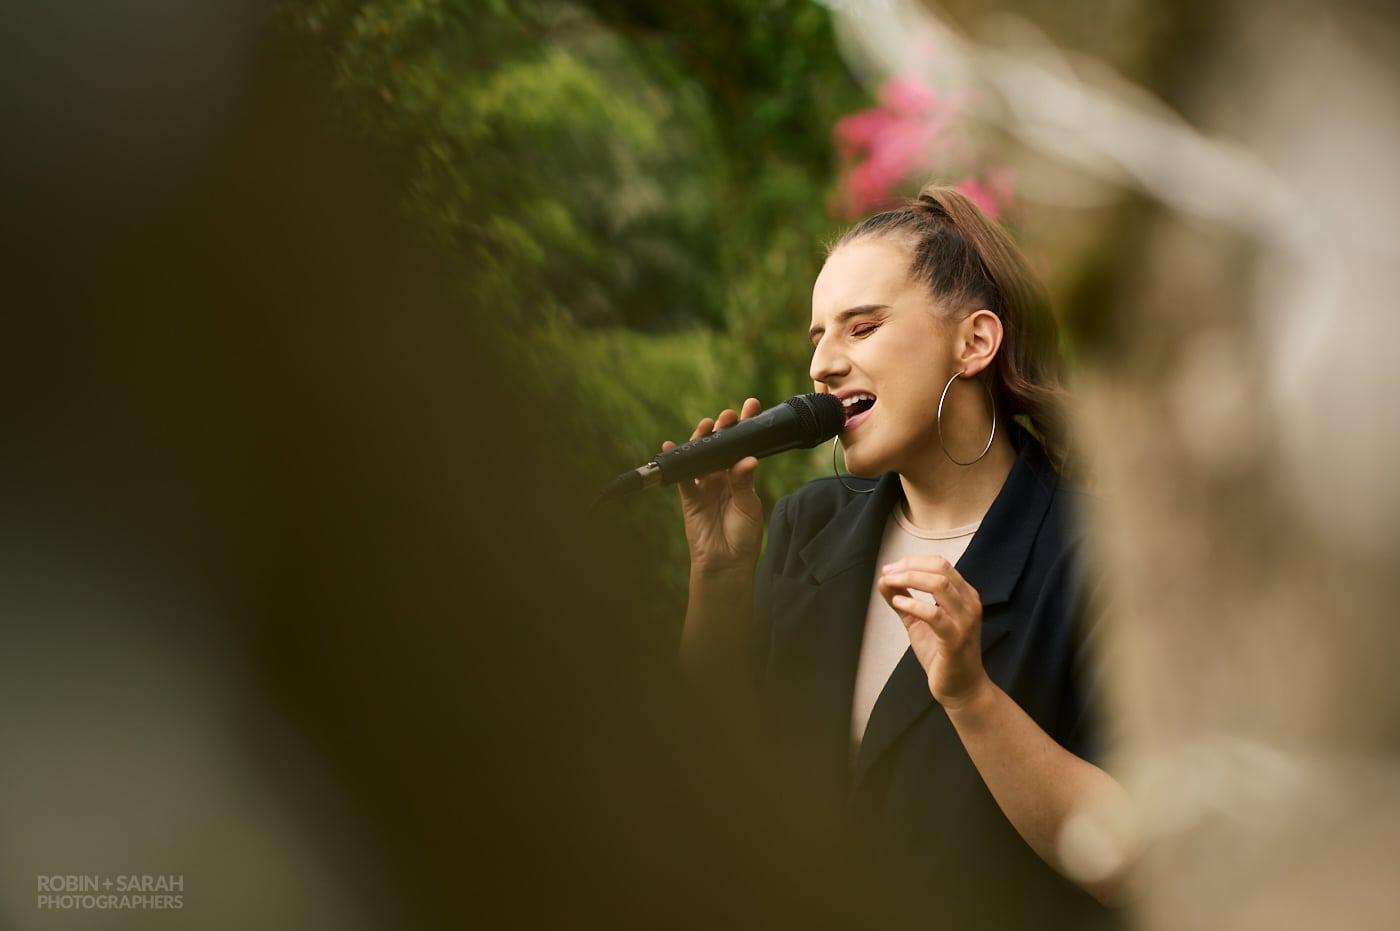 Vocalist singing at small garden wedding reception